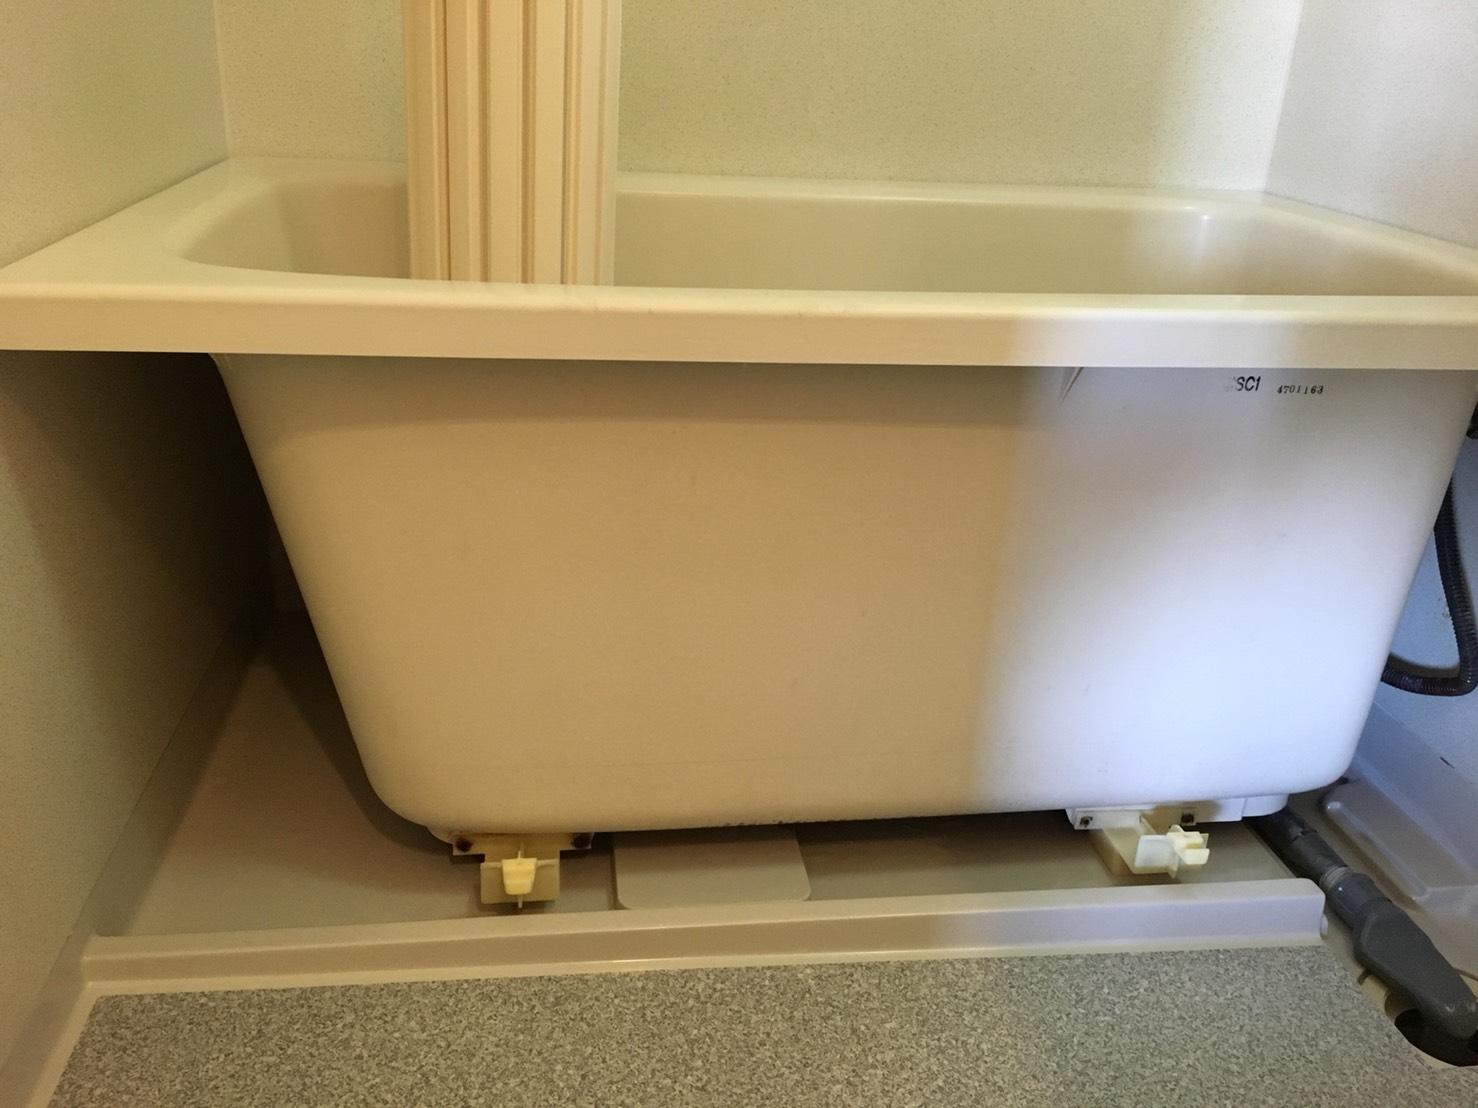 お風呂丸ごとお掃除・浴室のクリーニングサービス/エアコン・床そうじ・窓まわり・お風呂・トイレ・キッチン・外構・玄関まわり・清掃・不用品回収、どんなことでも、お気軽にご相談下さい。